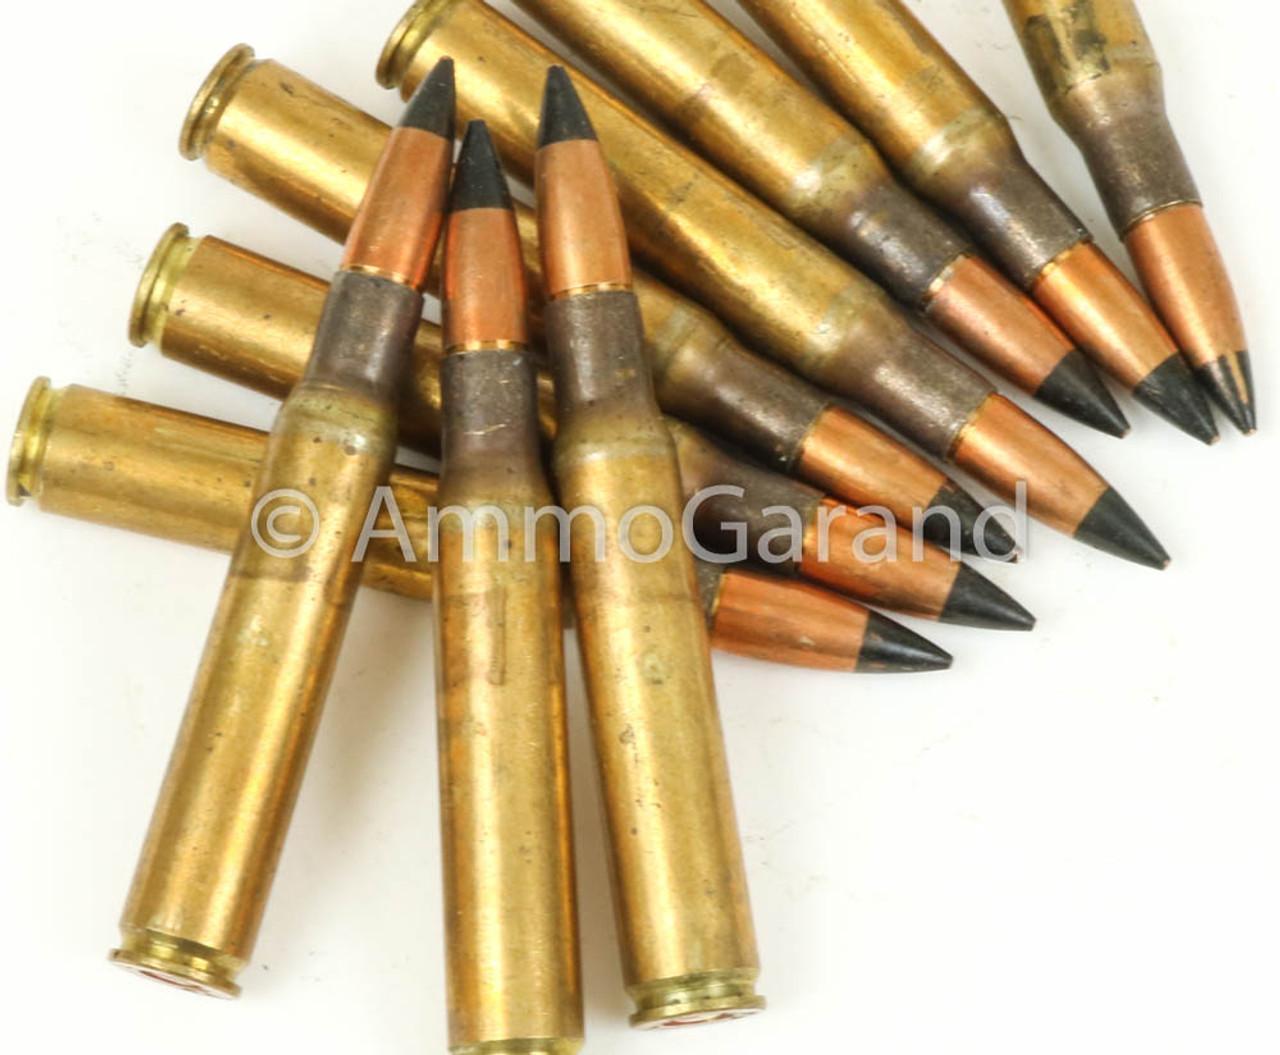 30-06 AP lot sample